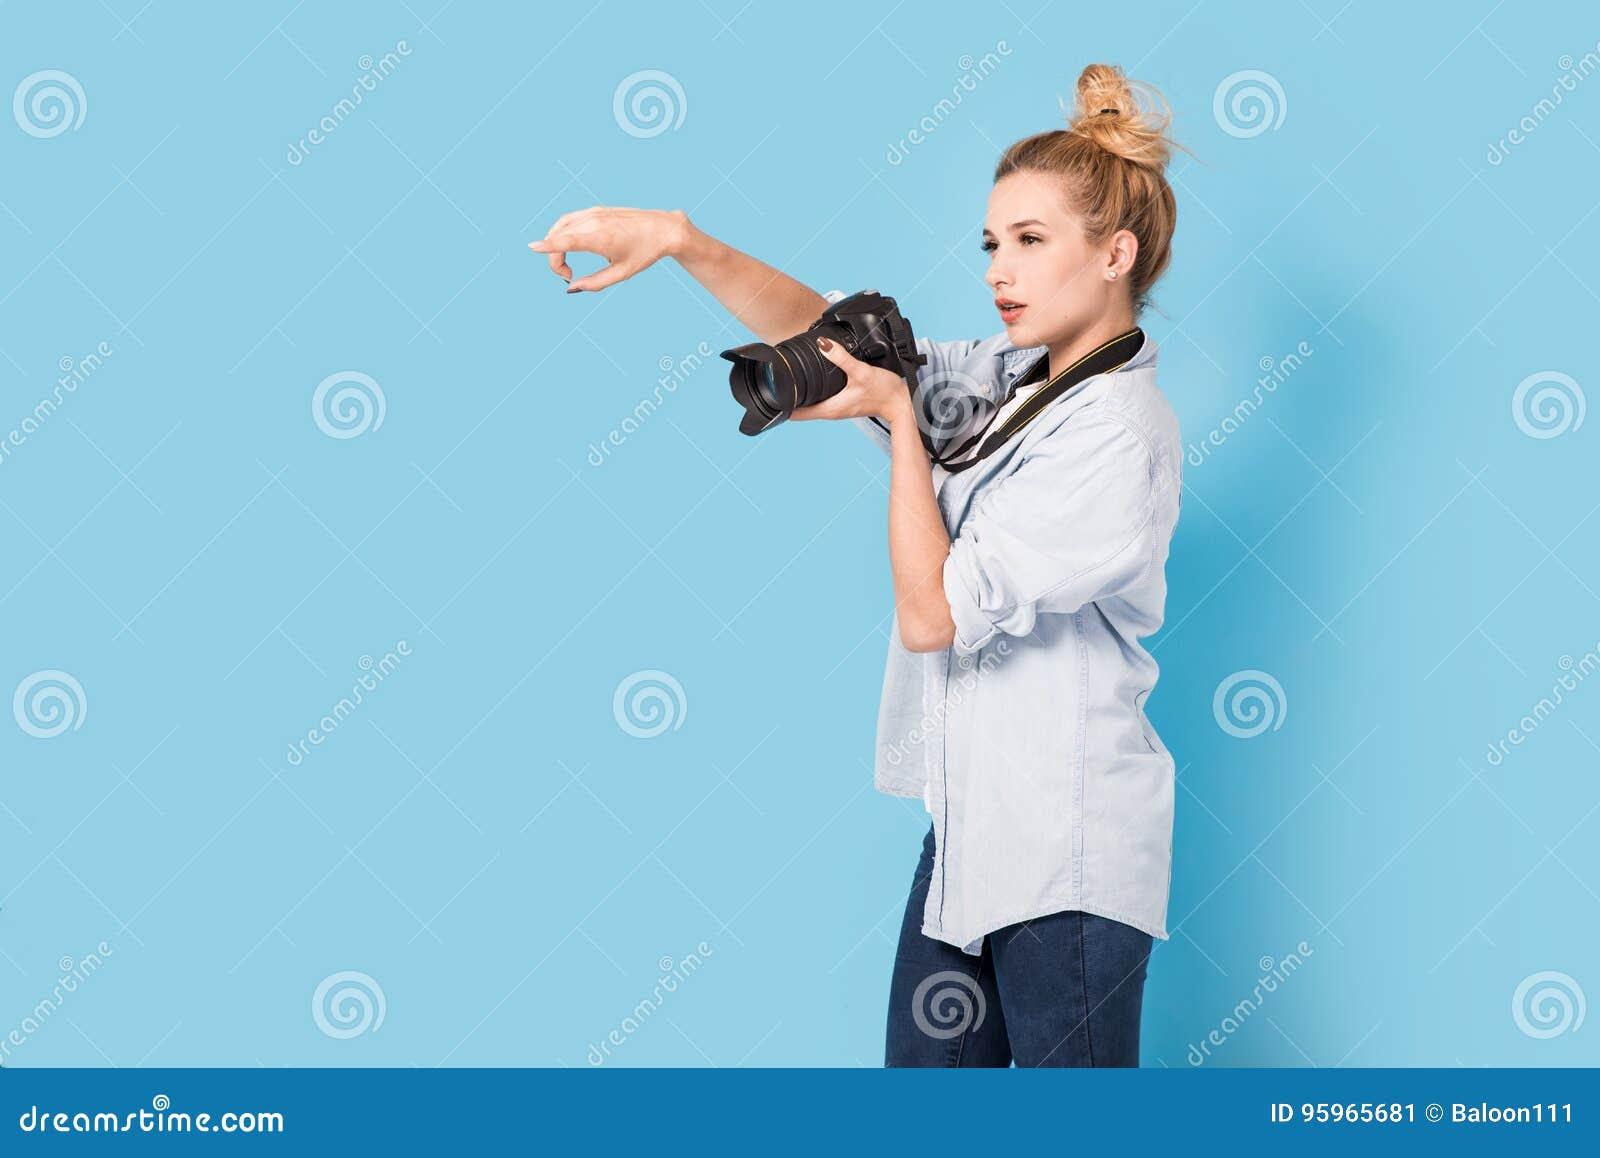 μεγάλο πουλί σε ένα μουνί φωτογραφίες